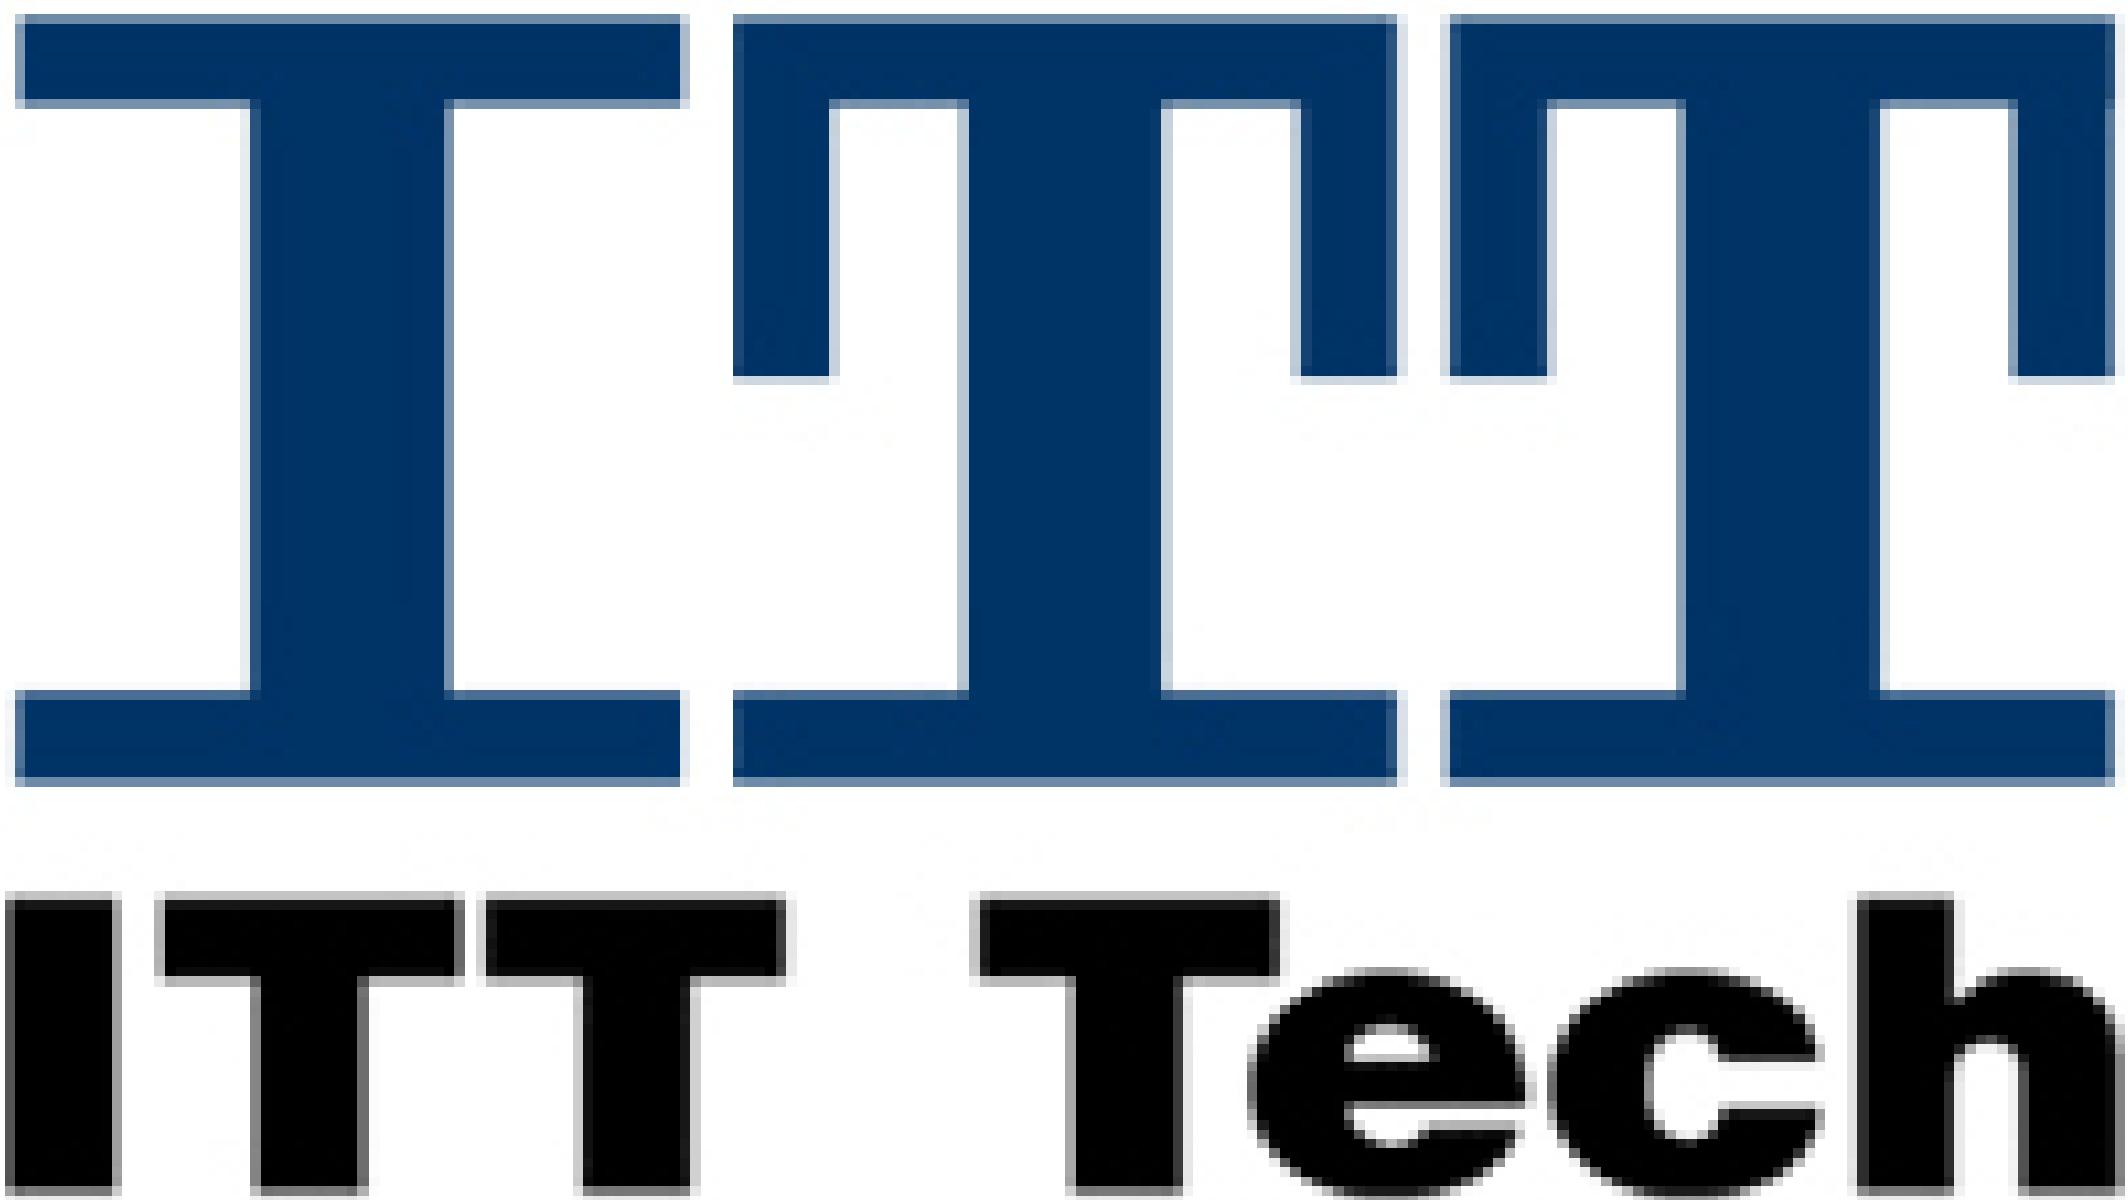 itt technical institute douglasville overview plexuss com rh plexuss com itt tech login student portal itt tech colorado springs